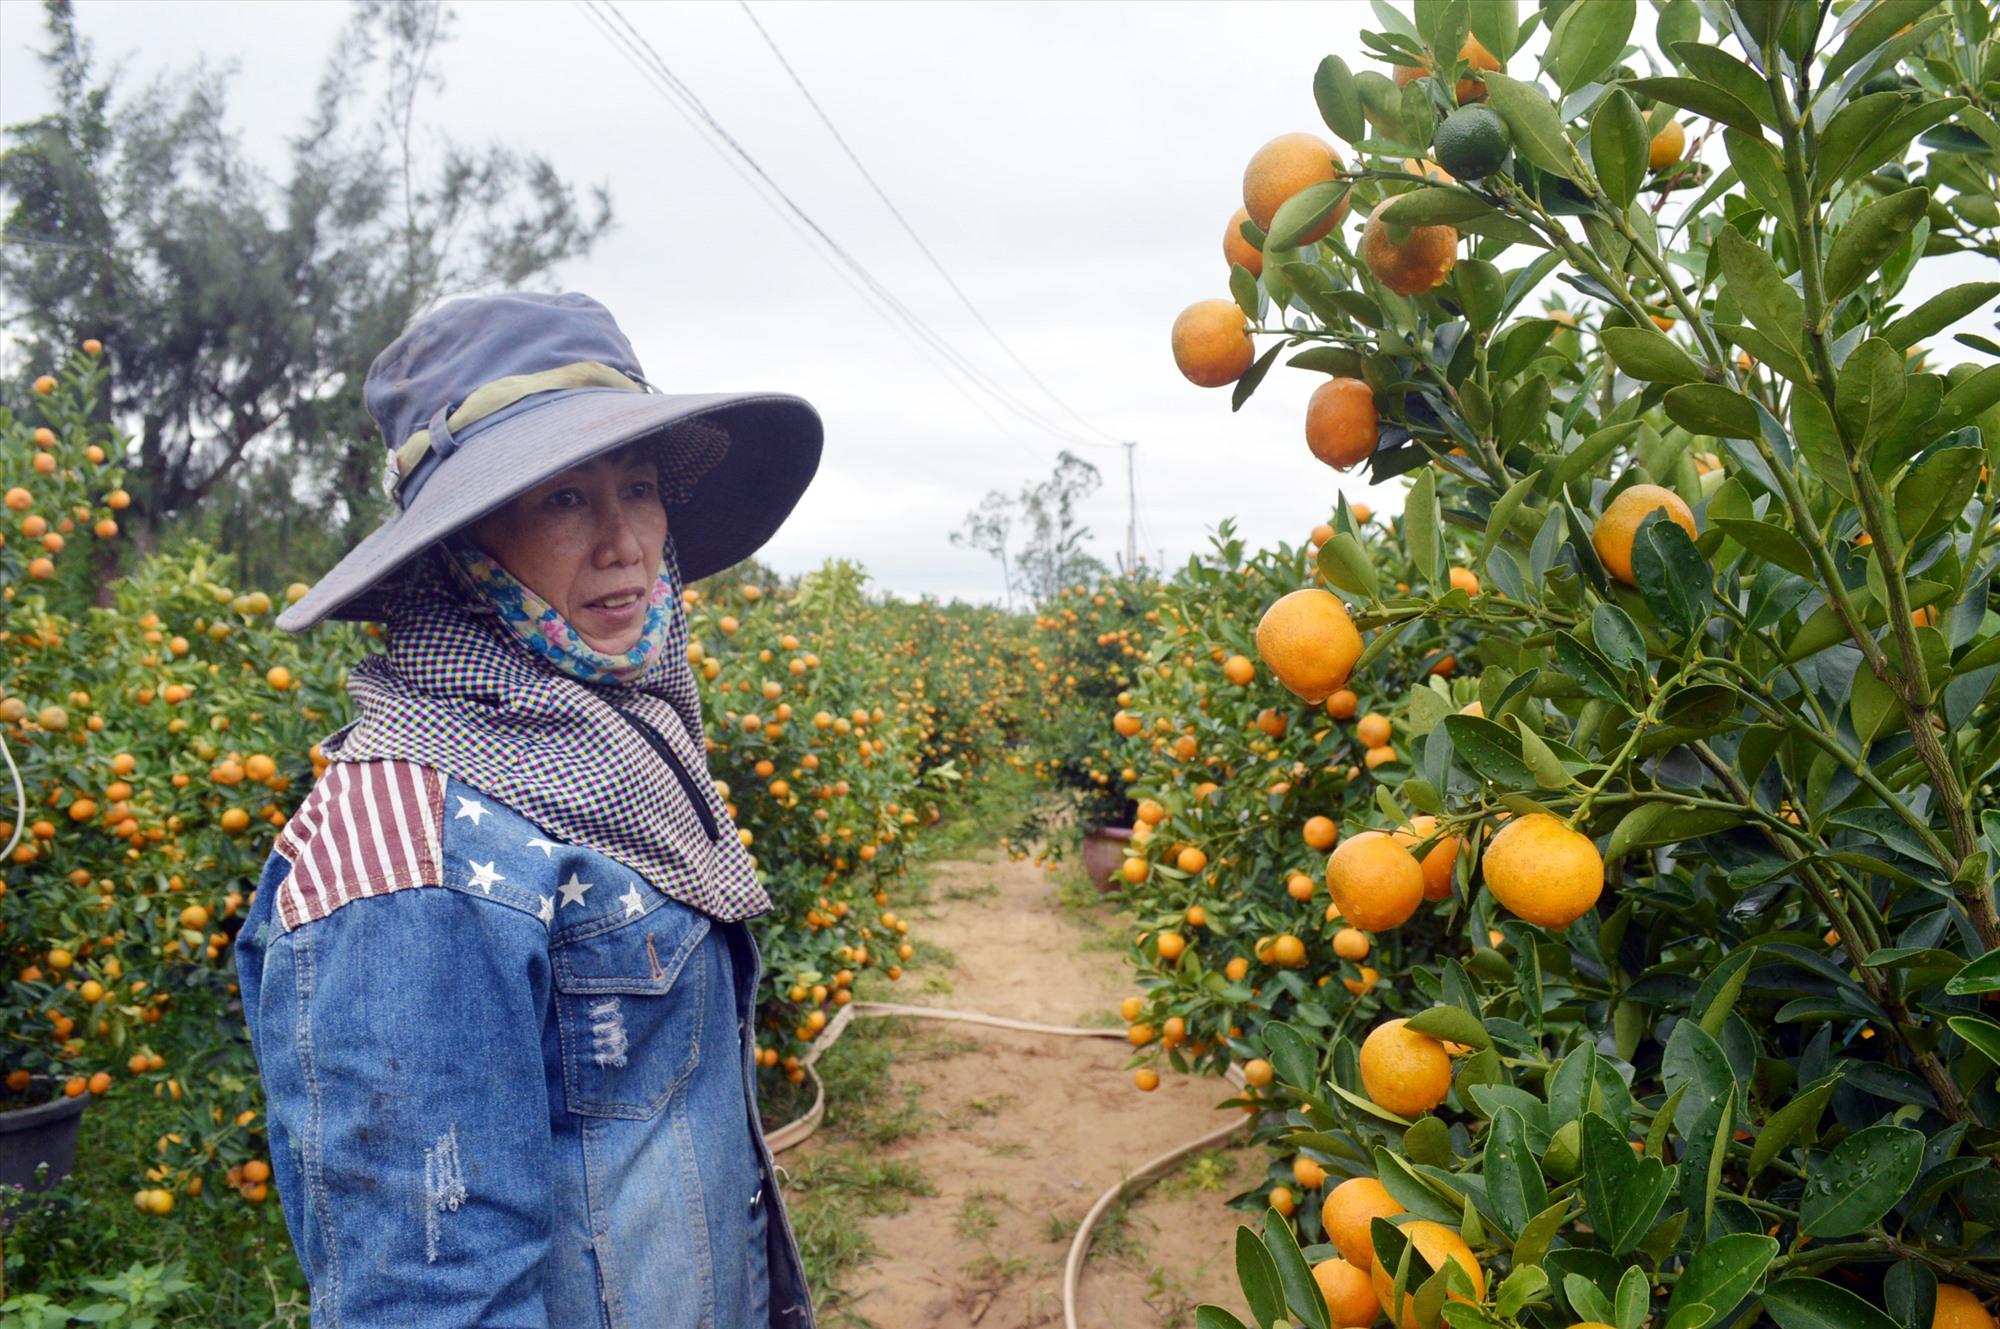 Bà Nguyễn Thị Hà lo lắng vụ quật tết này.